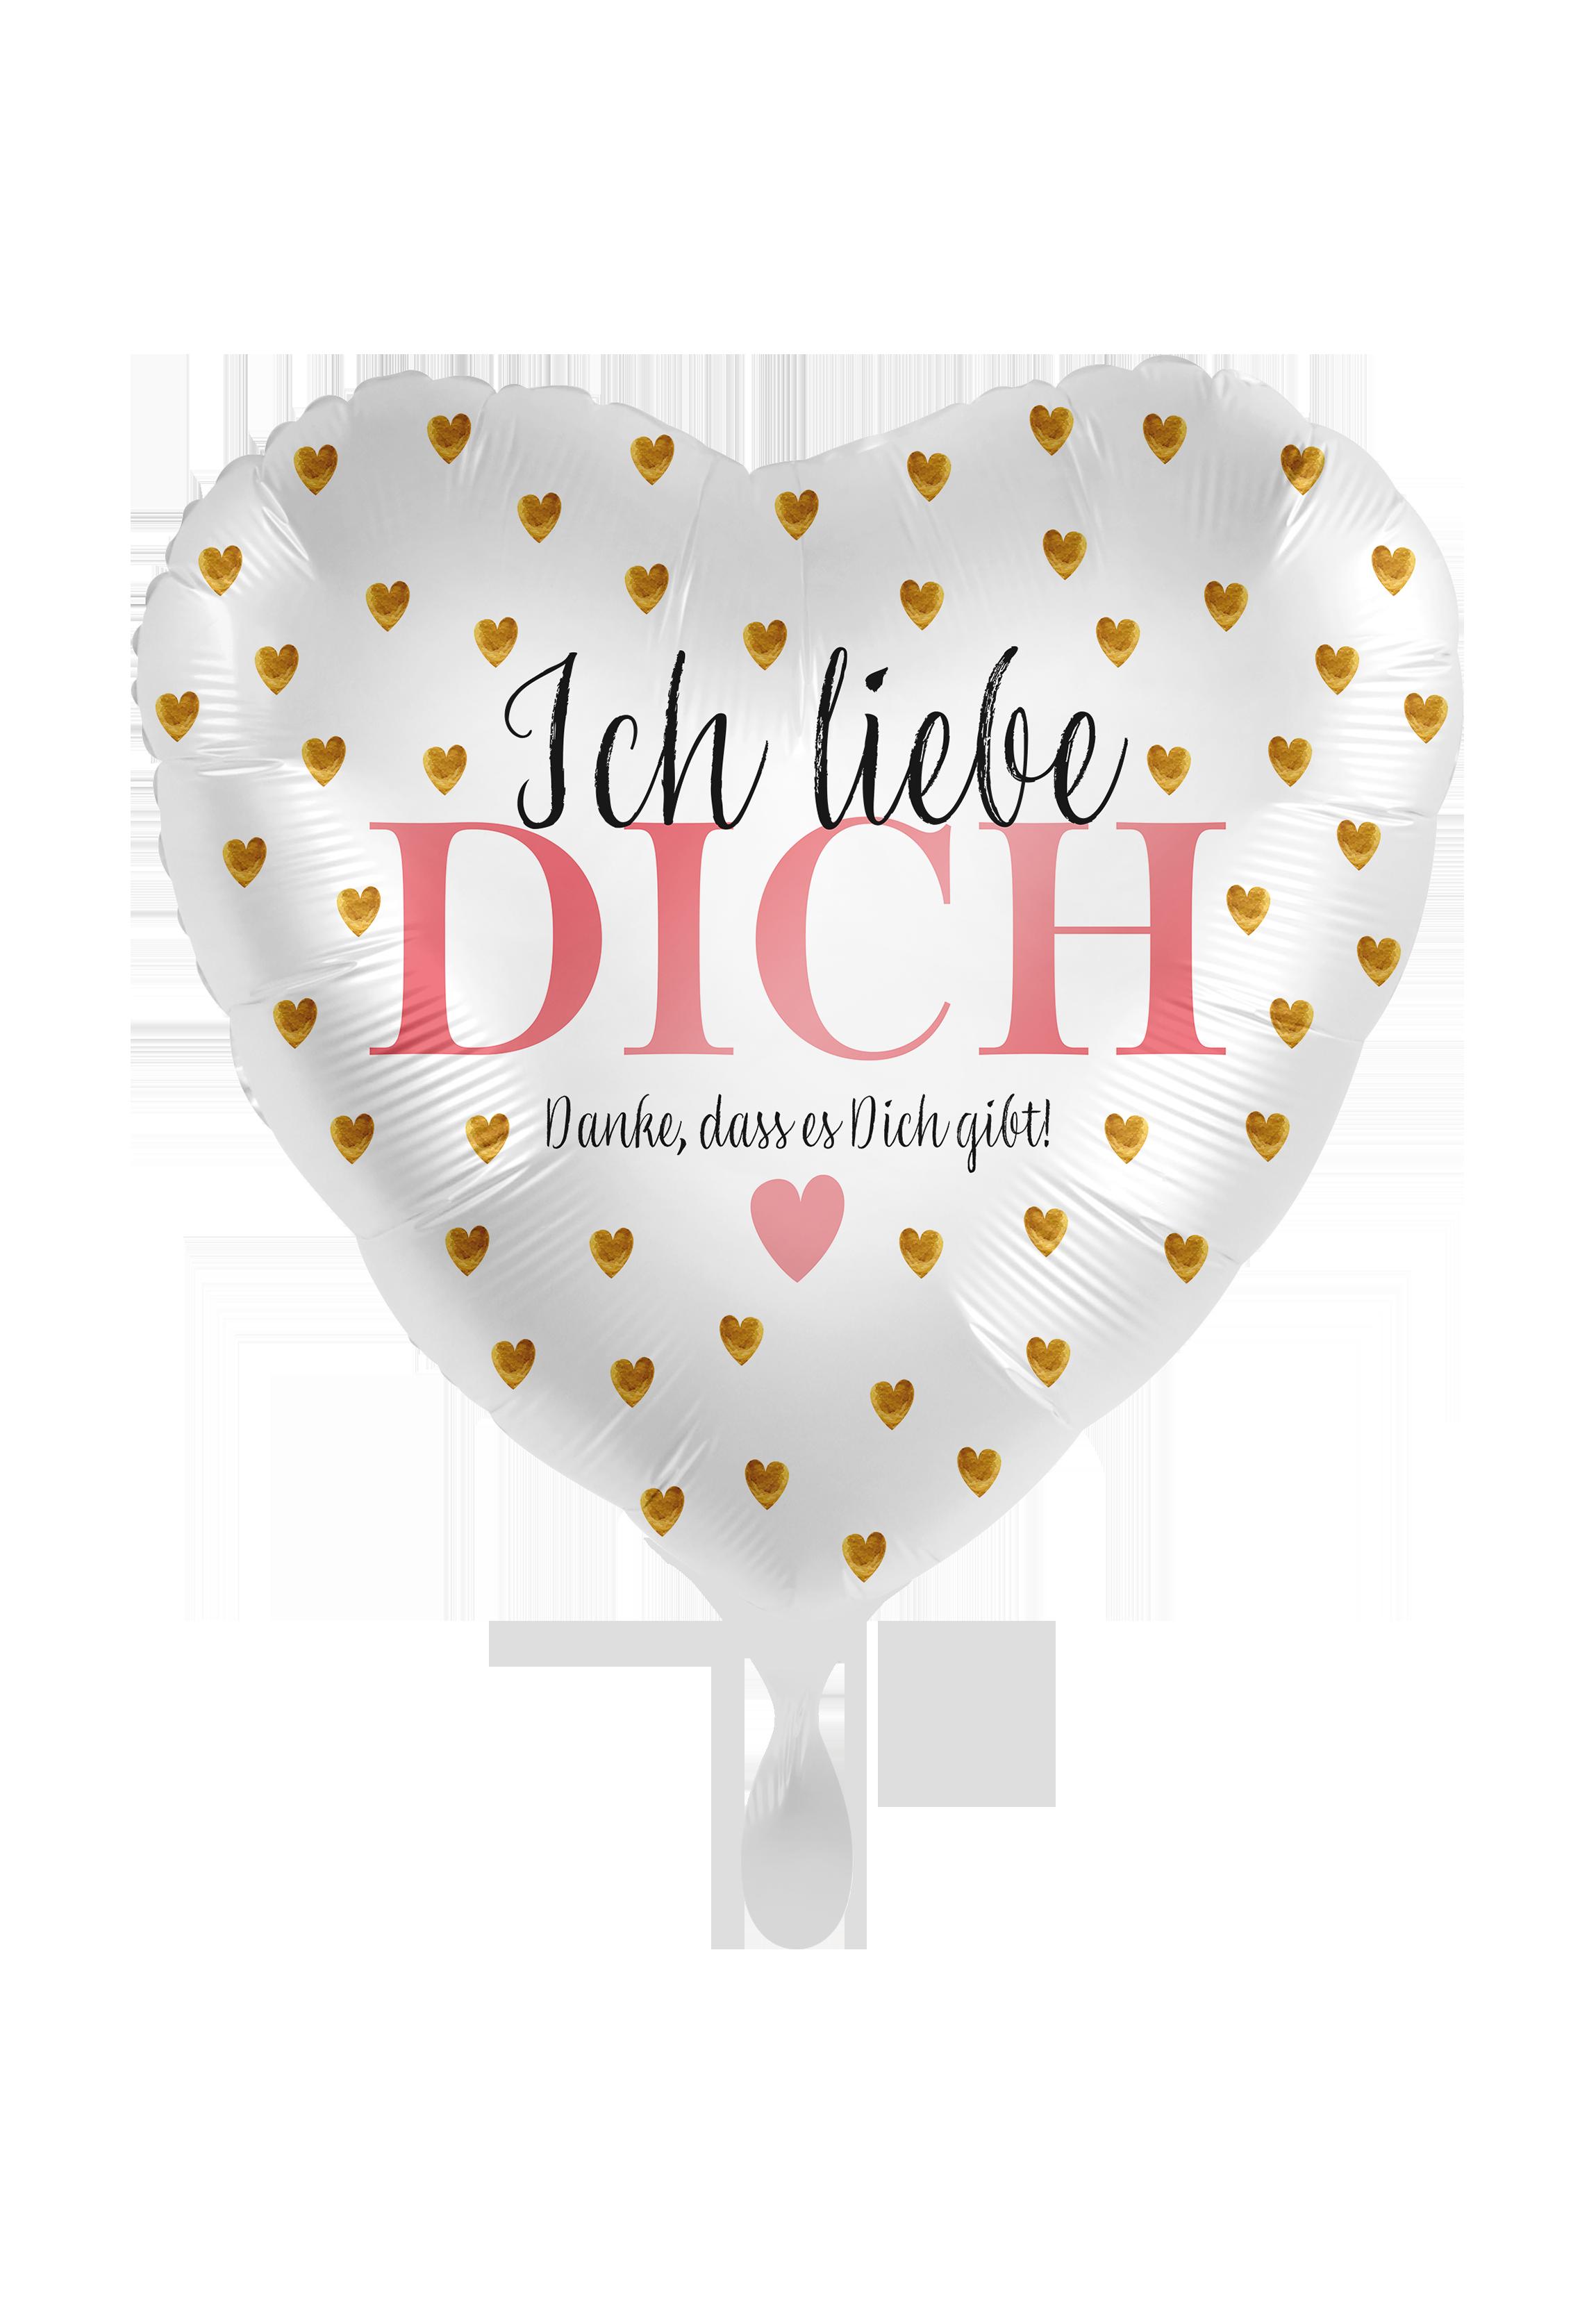 Luftballon-love_3WucDUkQIT8Aeg